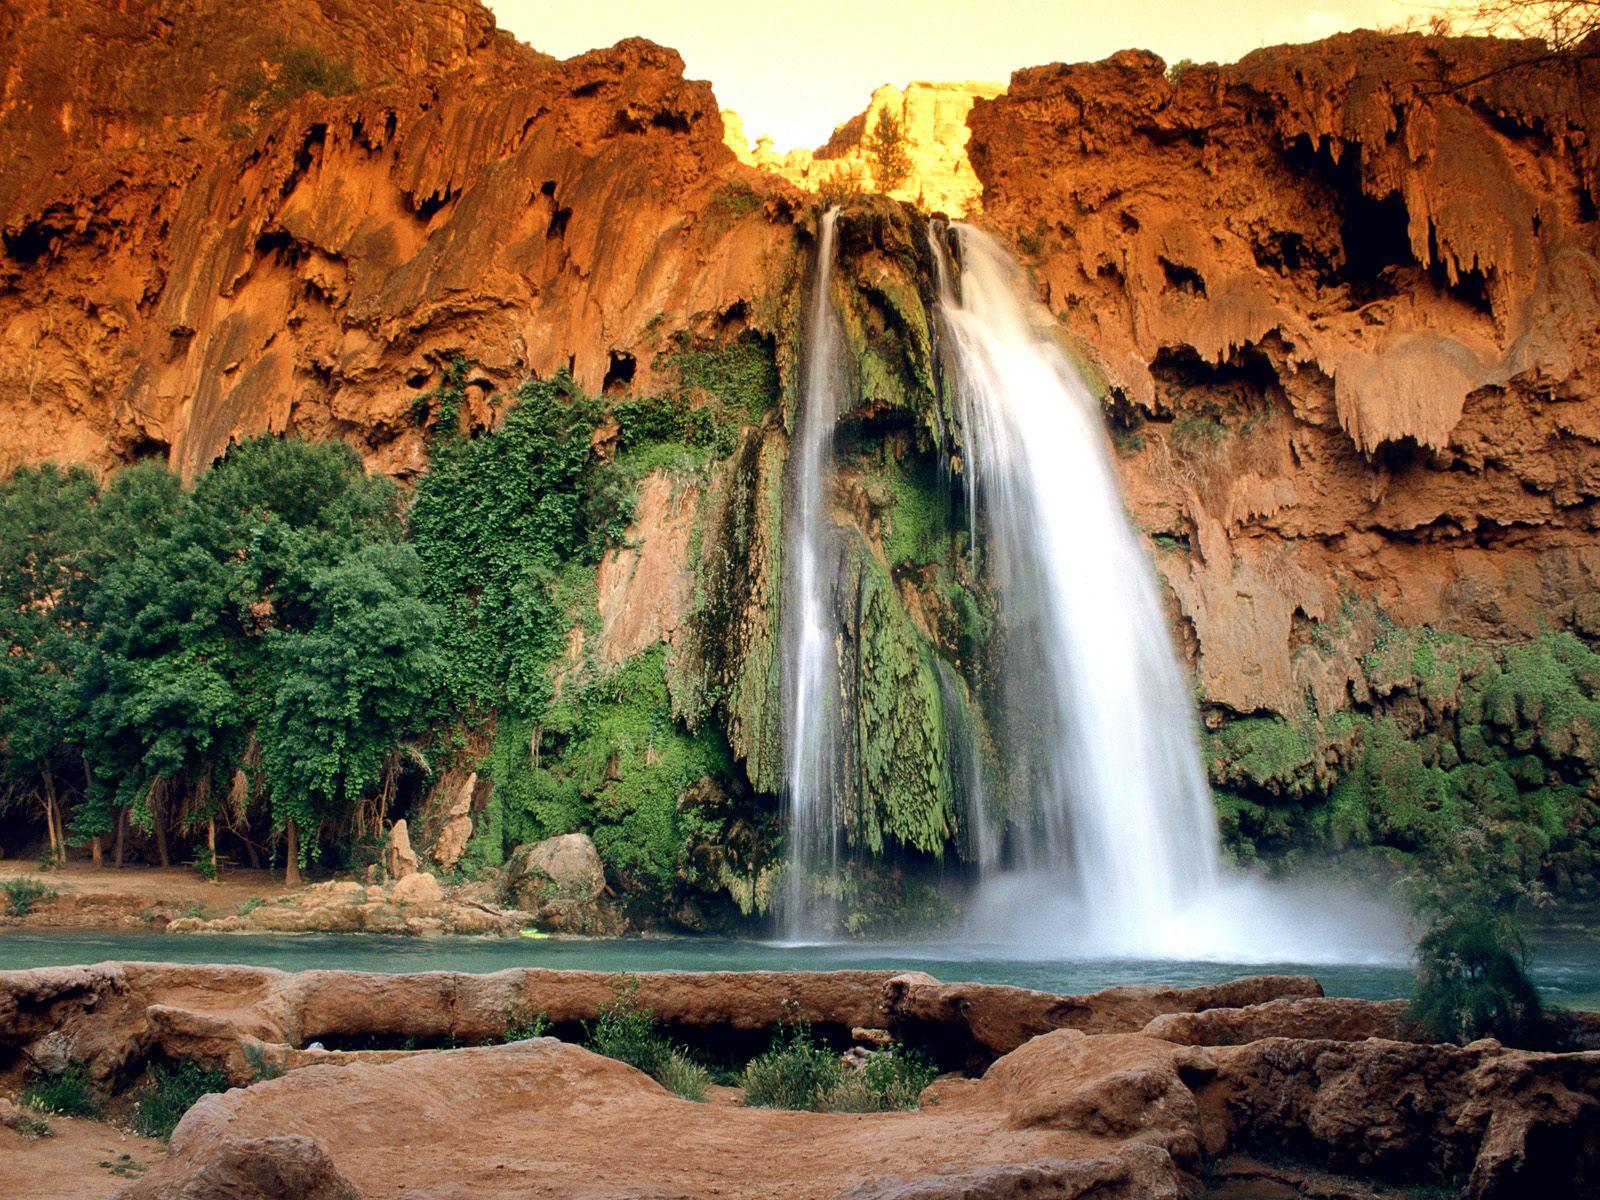 Sitios Mágicos Naturales, Las Cataratas de Havasu en Arizona, Estados Unidos. 2